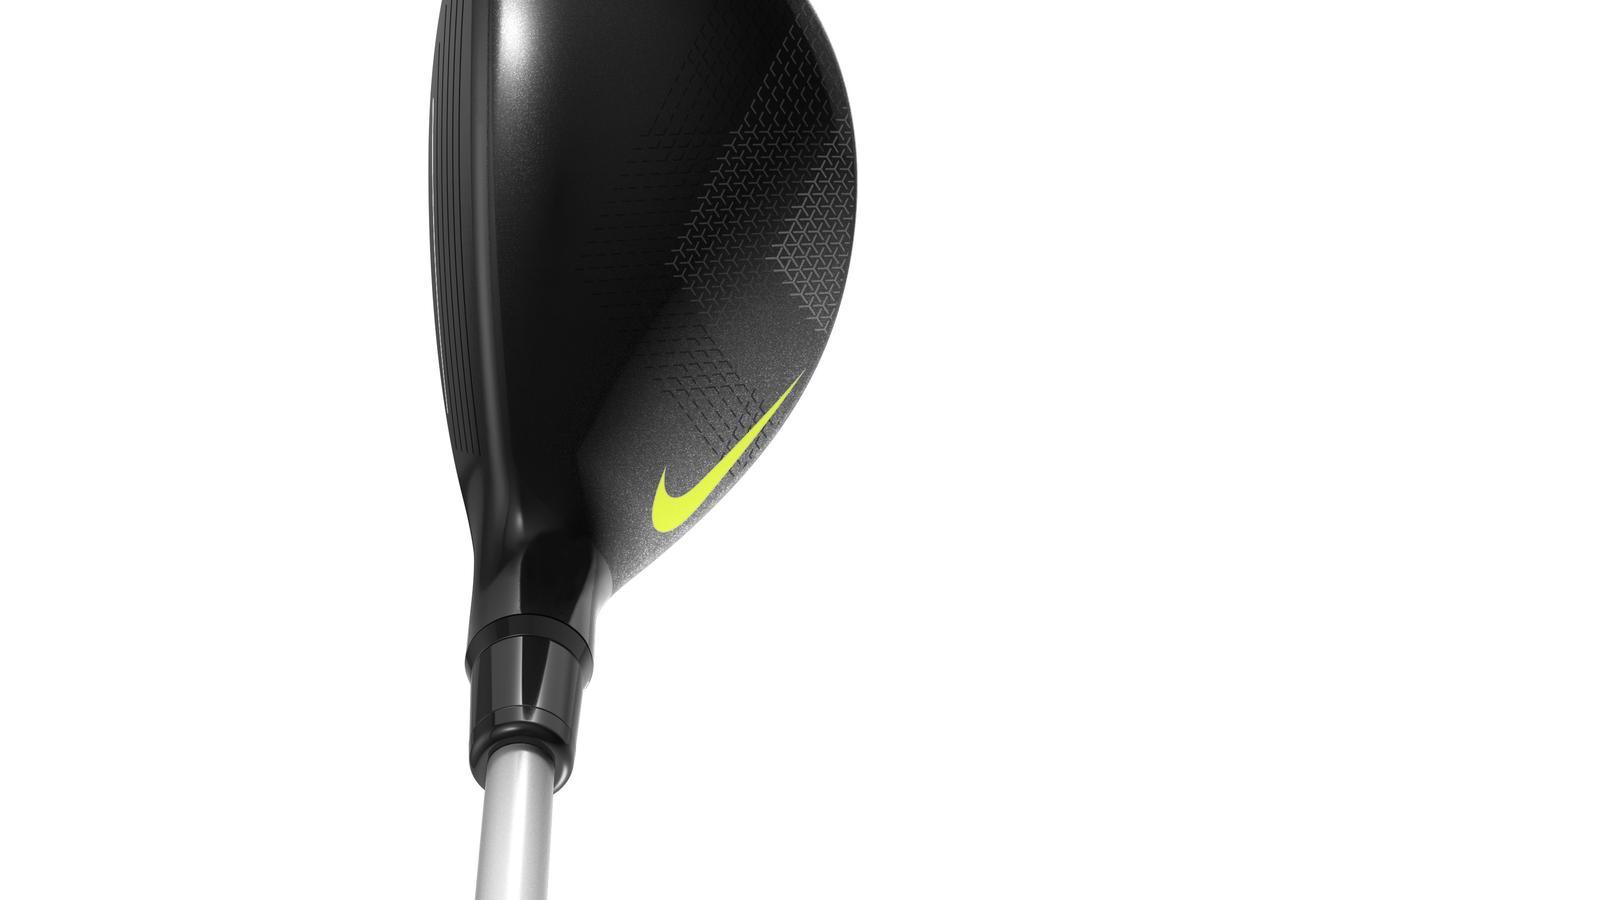 Nike Vapor Flex Hybrid - Address